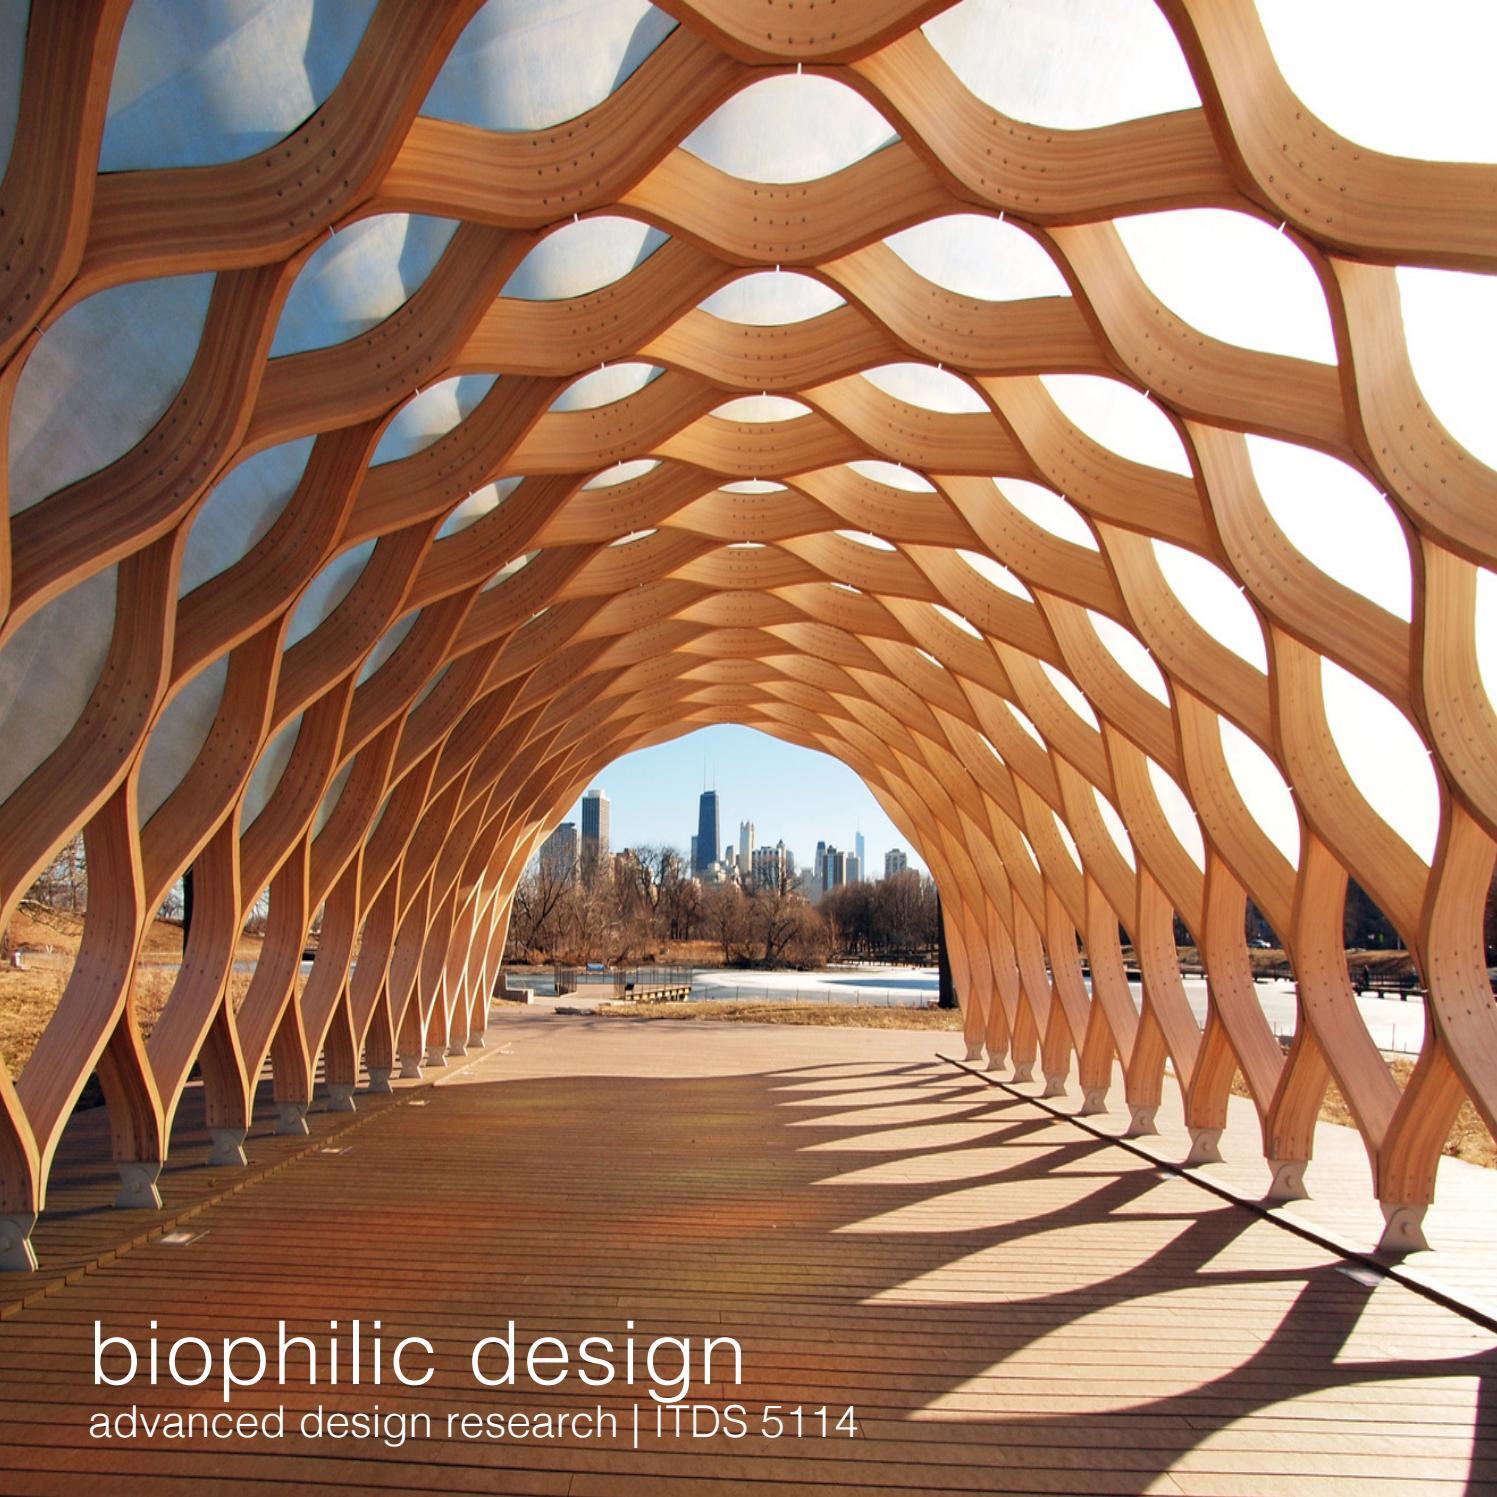 biophilia design by jessie bean